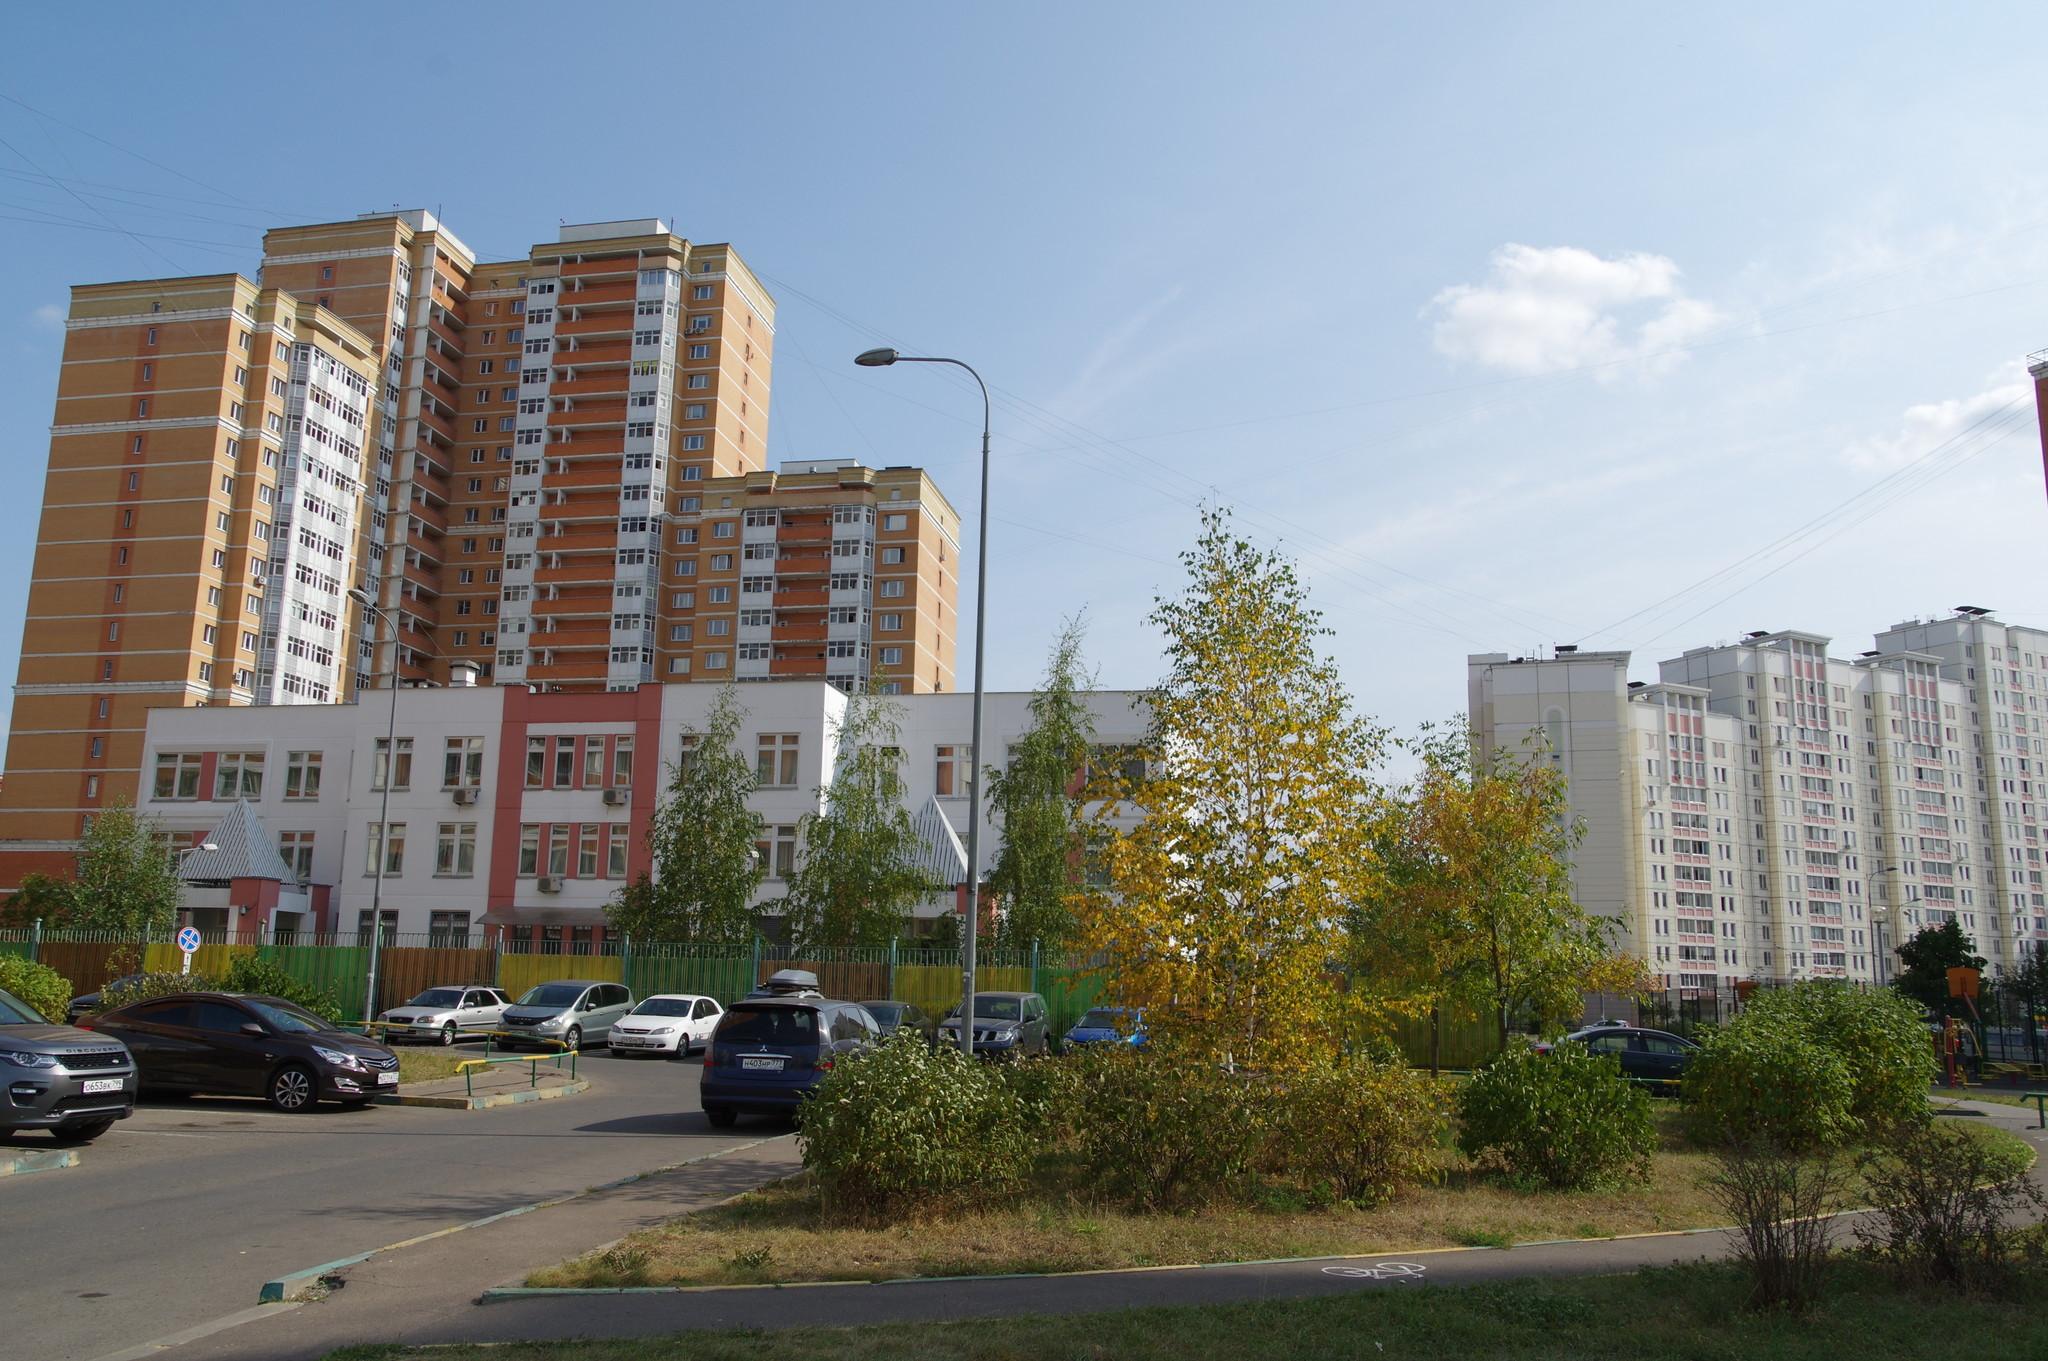 ГБОУ Детский сад № 2702 (Дмитровское шоссе, дом 165Е, корпус 2)